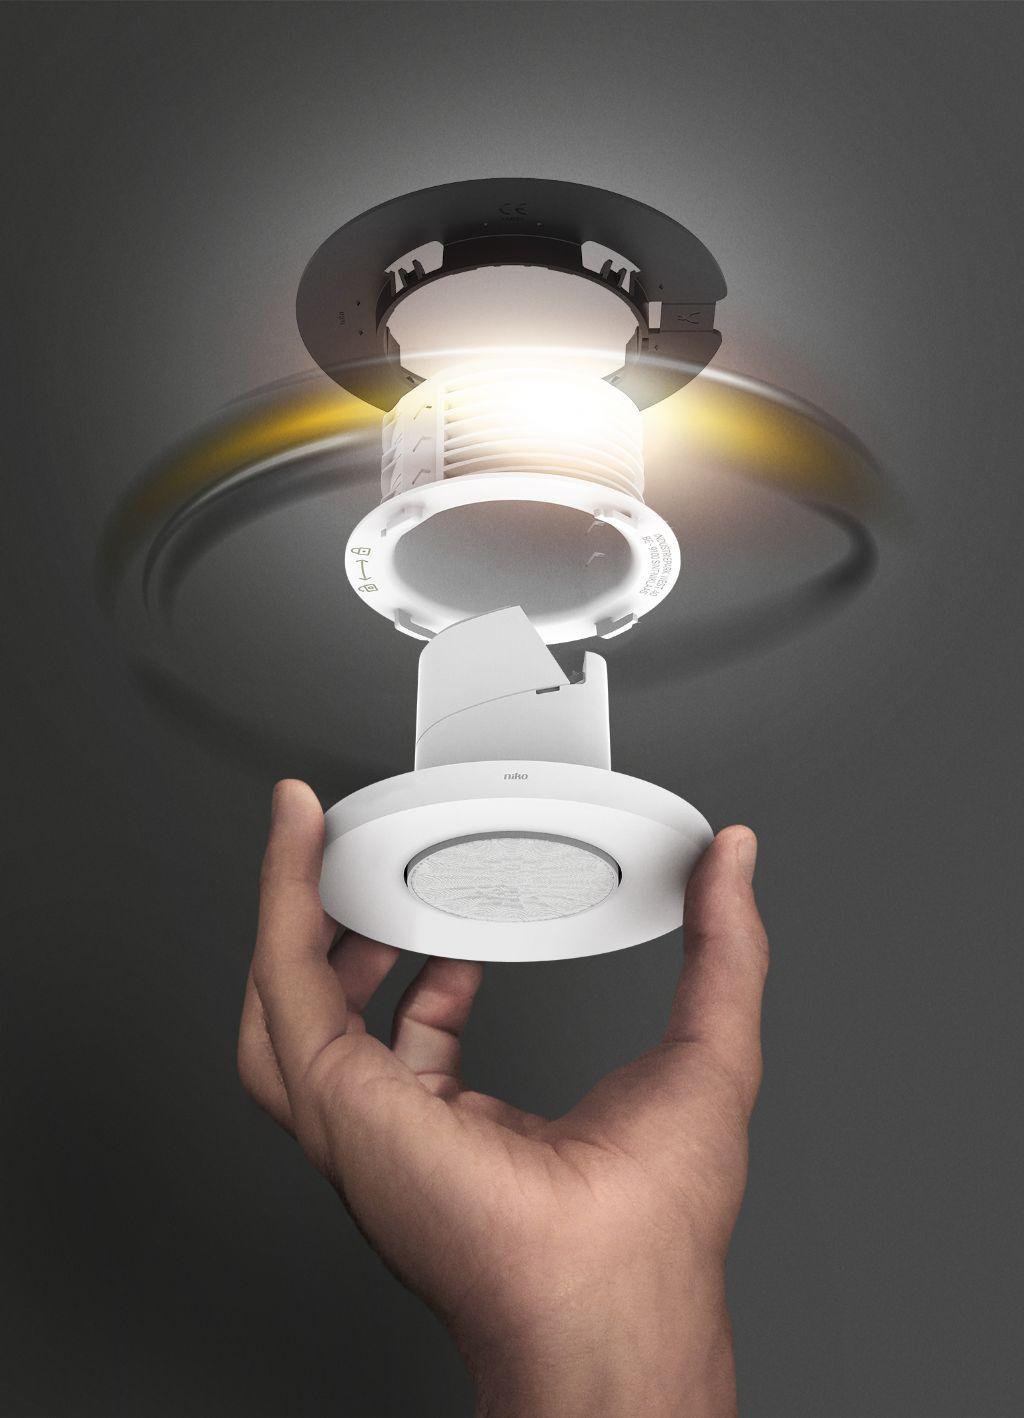 Niko lanceert plafonddetectoren met eenvoudig montagesysteem